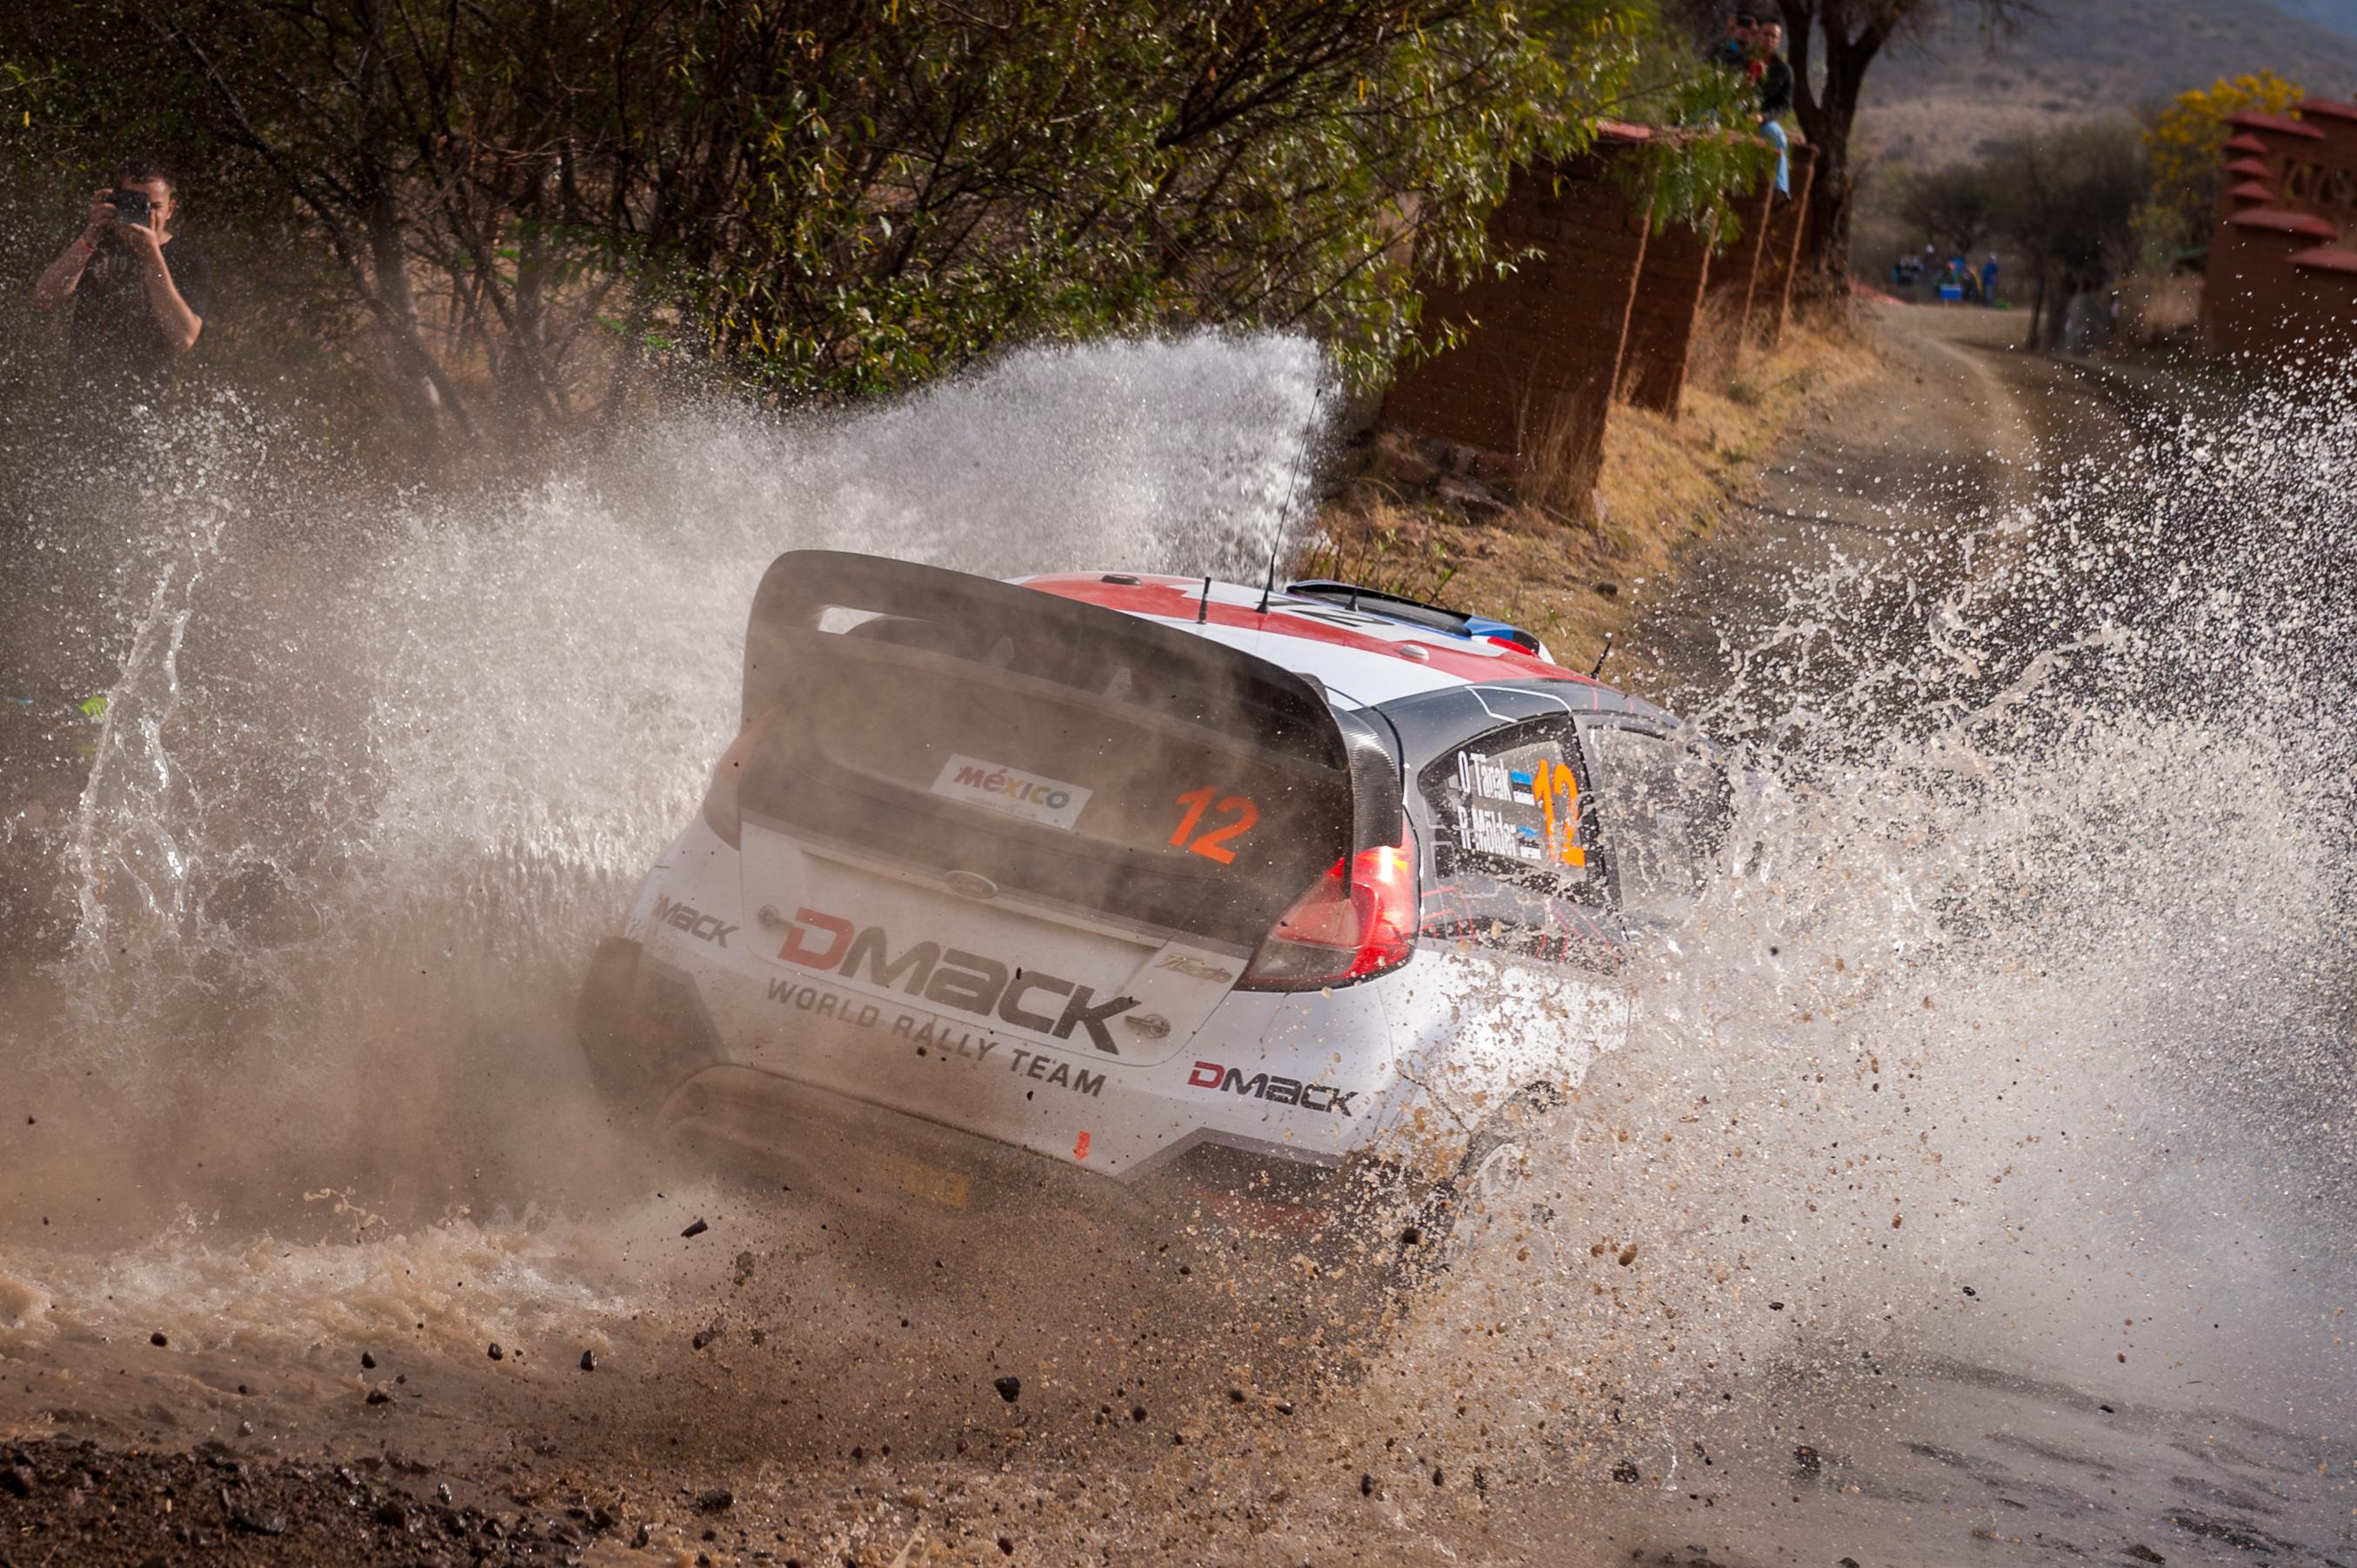 Autoralli MM-sarja etapil Mehhikos on Ford Fiesta WRC-ga kihutavad Ott Tänak ja Raigo Mõlder seitsmendal kohal. Soomlase Jari-Matti Latvala edu üldliidri Sebastien Ogieri ees on 32,1 sekundit. Daniel Sordo kaotab […]